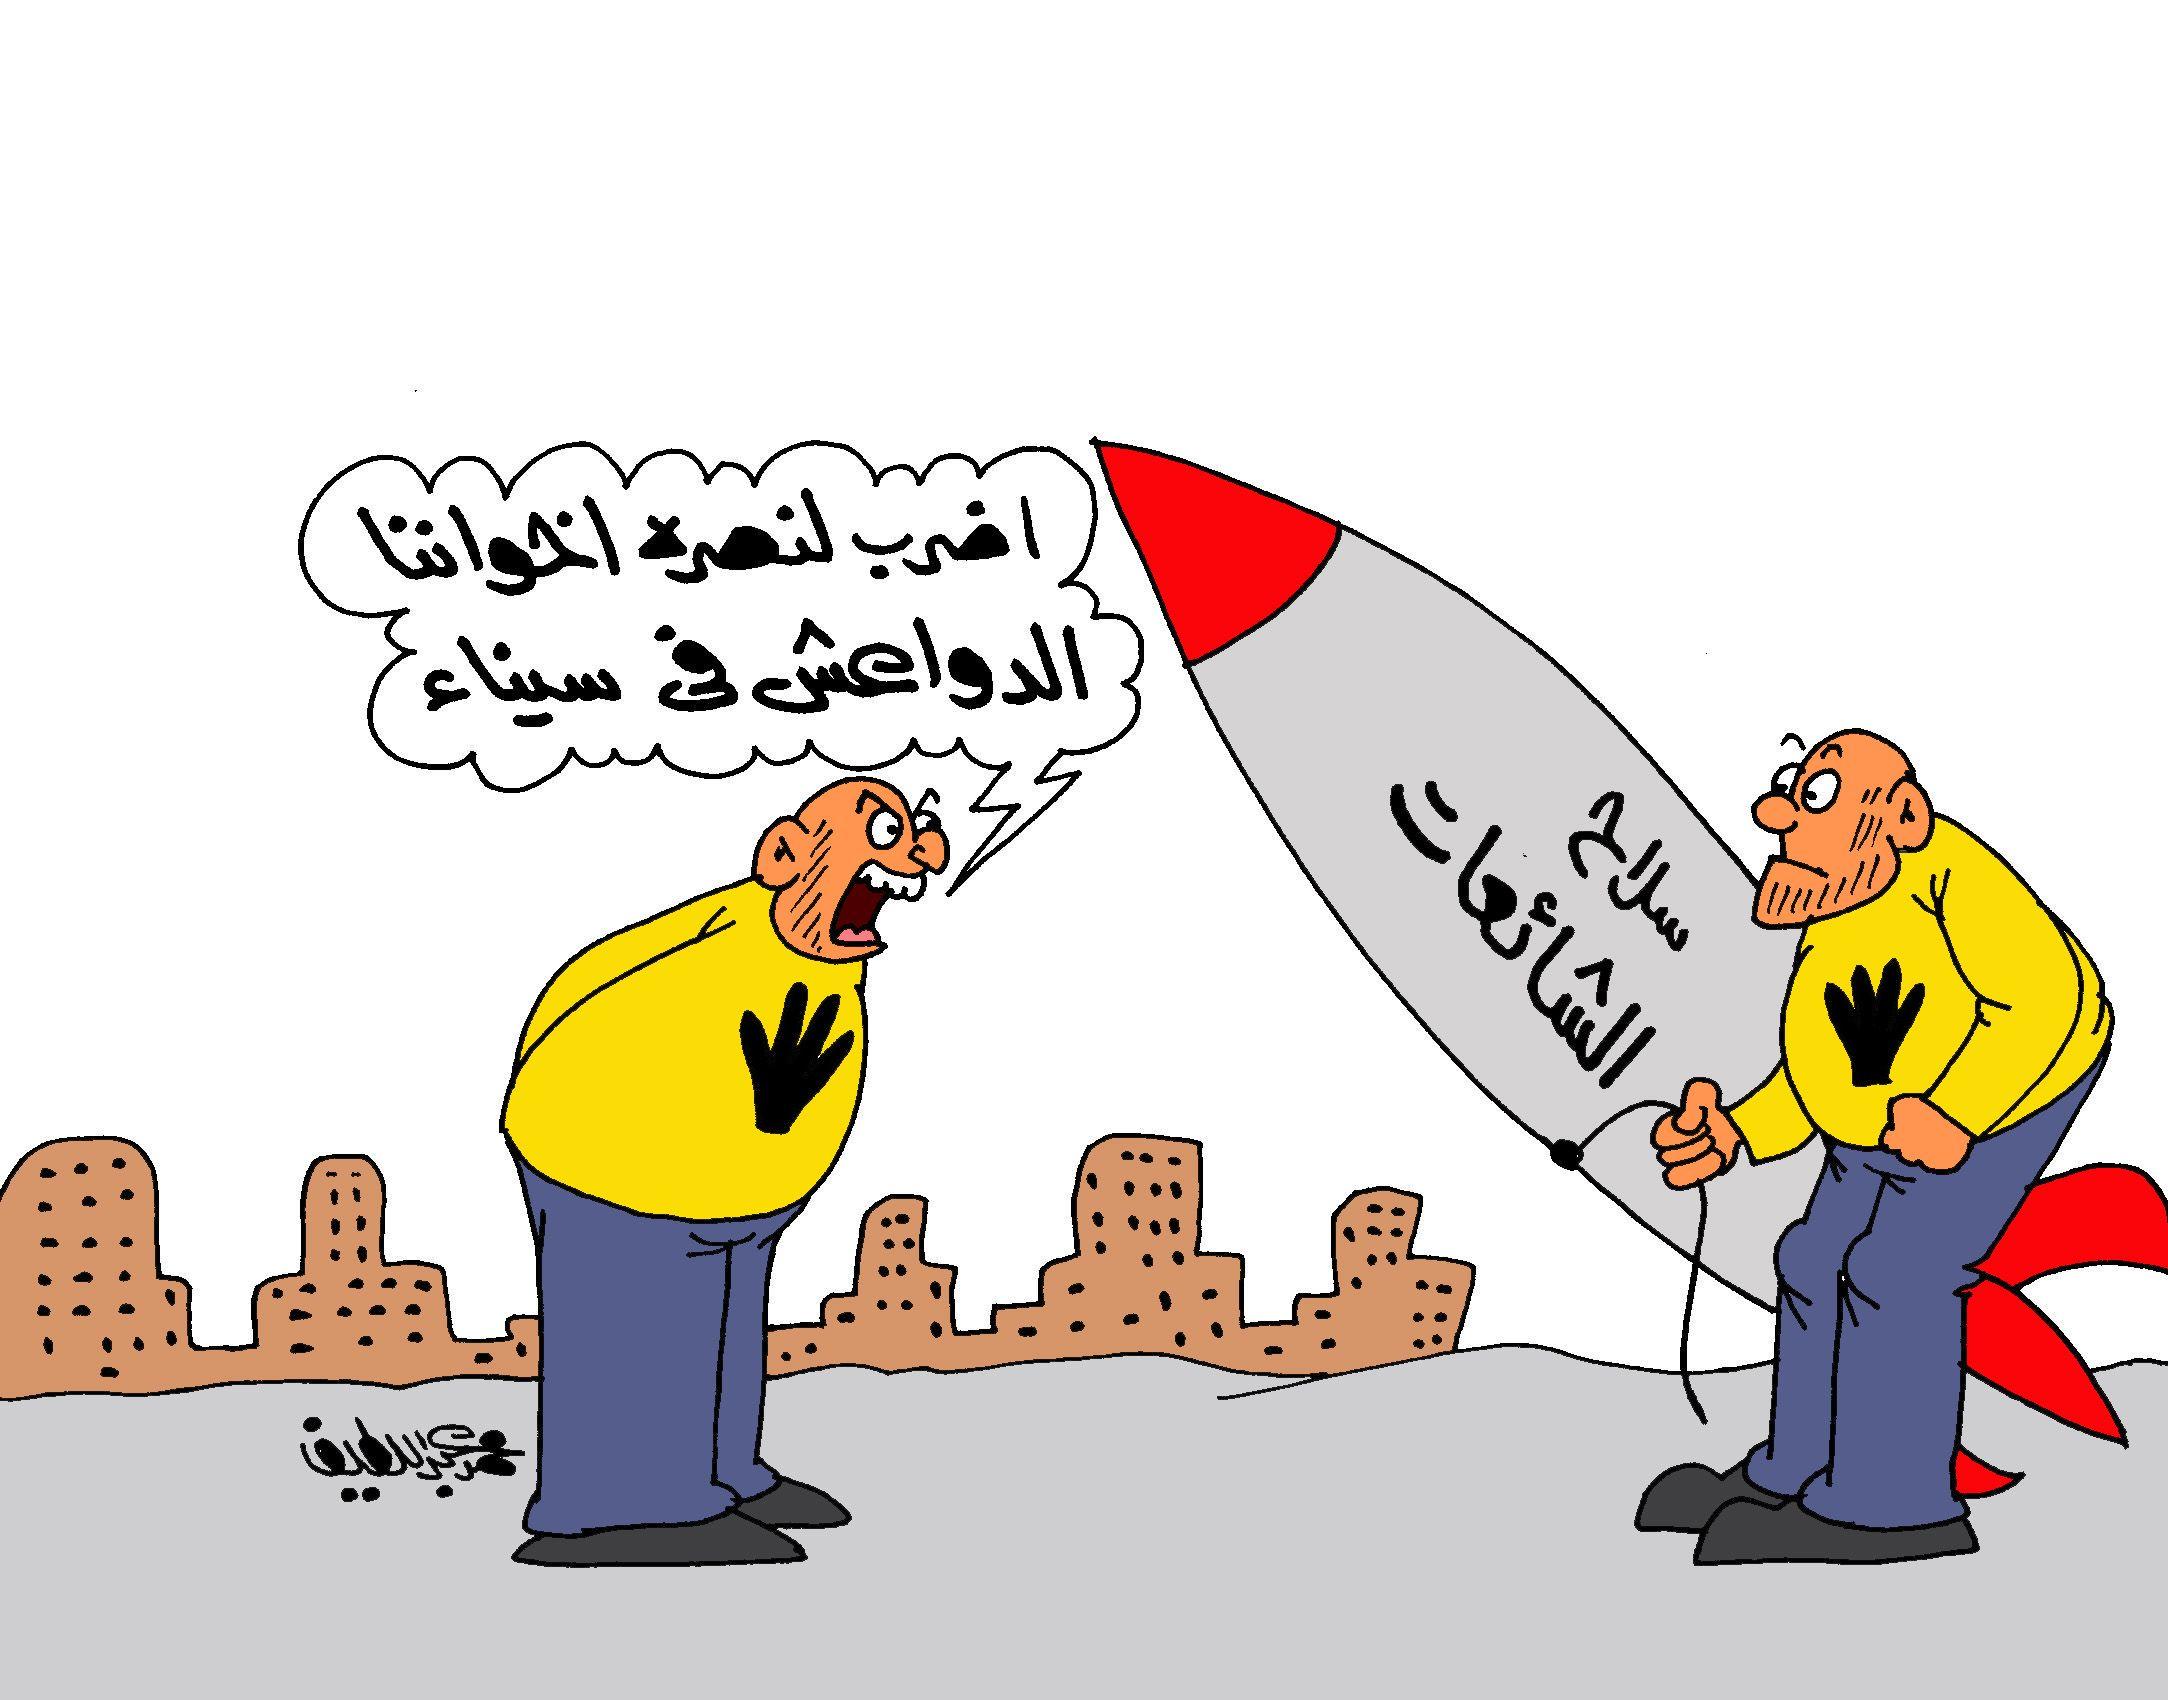 الشائعات سلاح الإرهابيين لنصرة الدواعش بسيناء فى كاريكاتير اليوم Simpson Bart Character